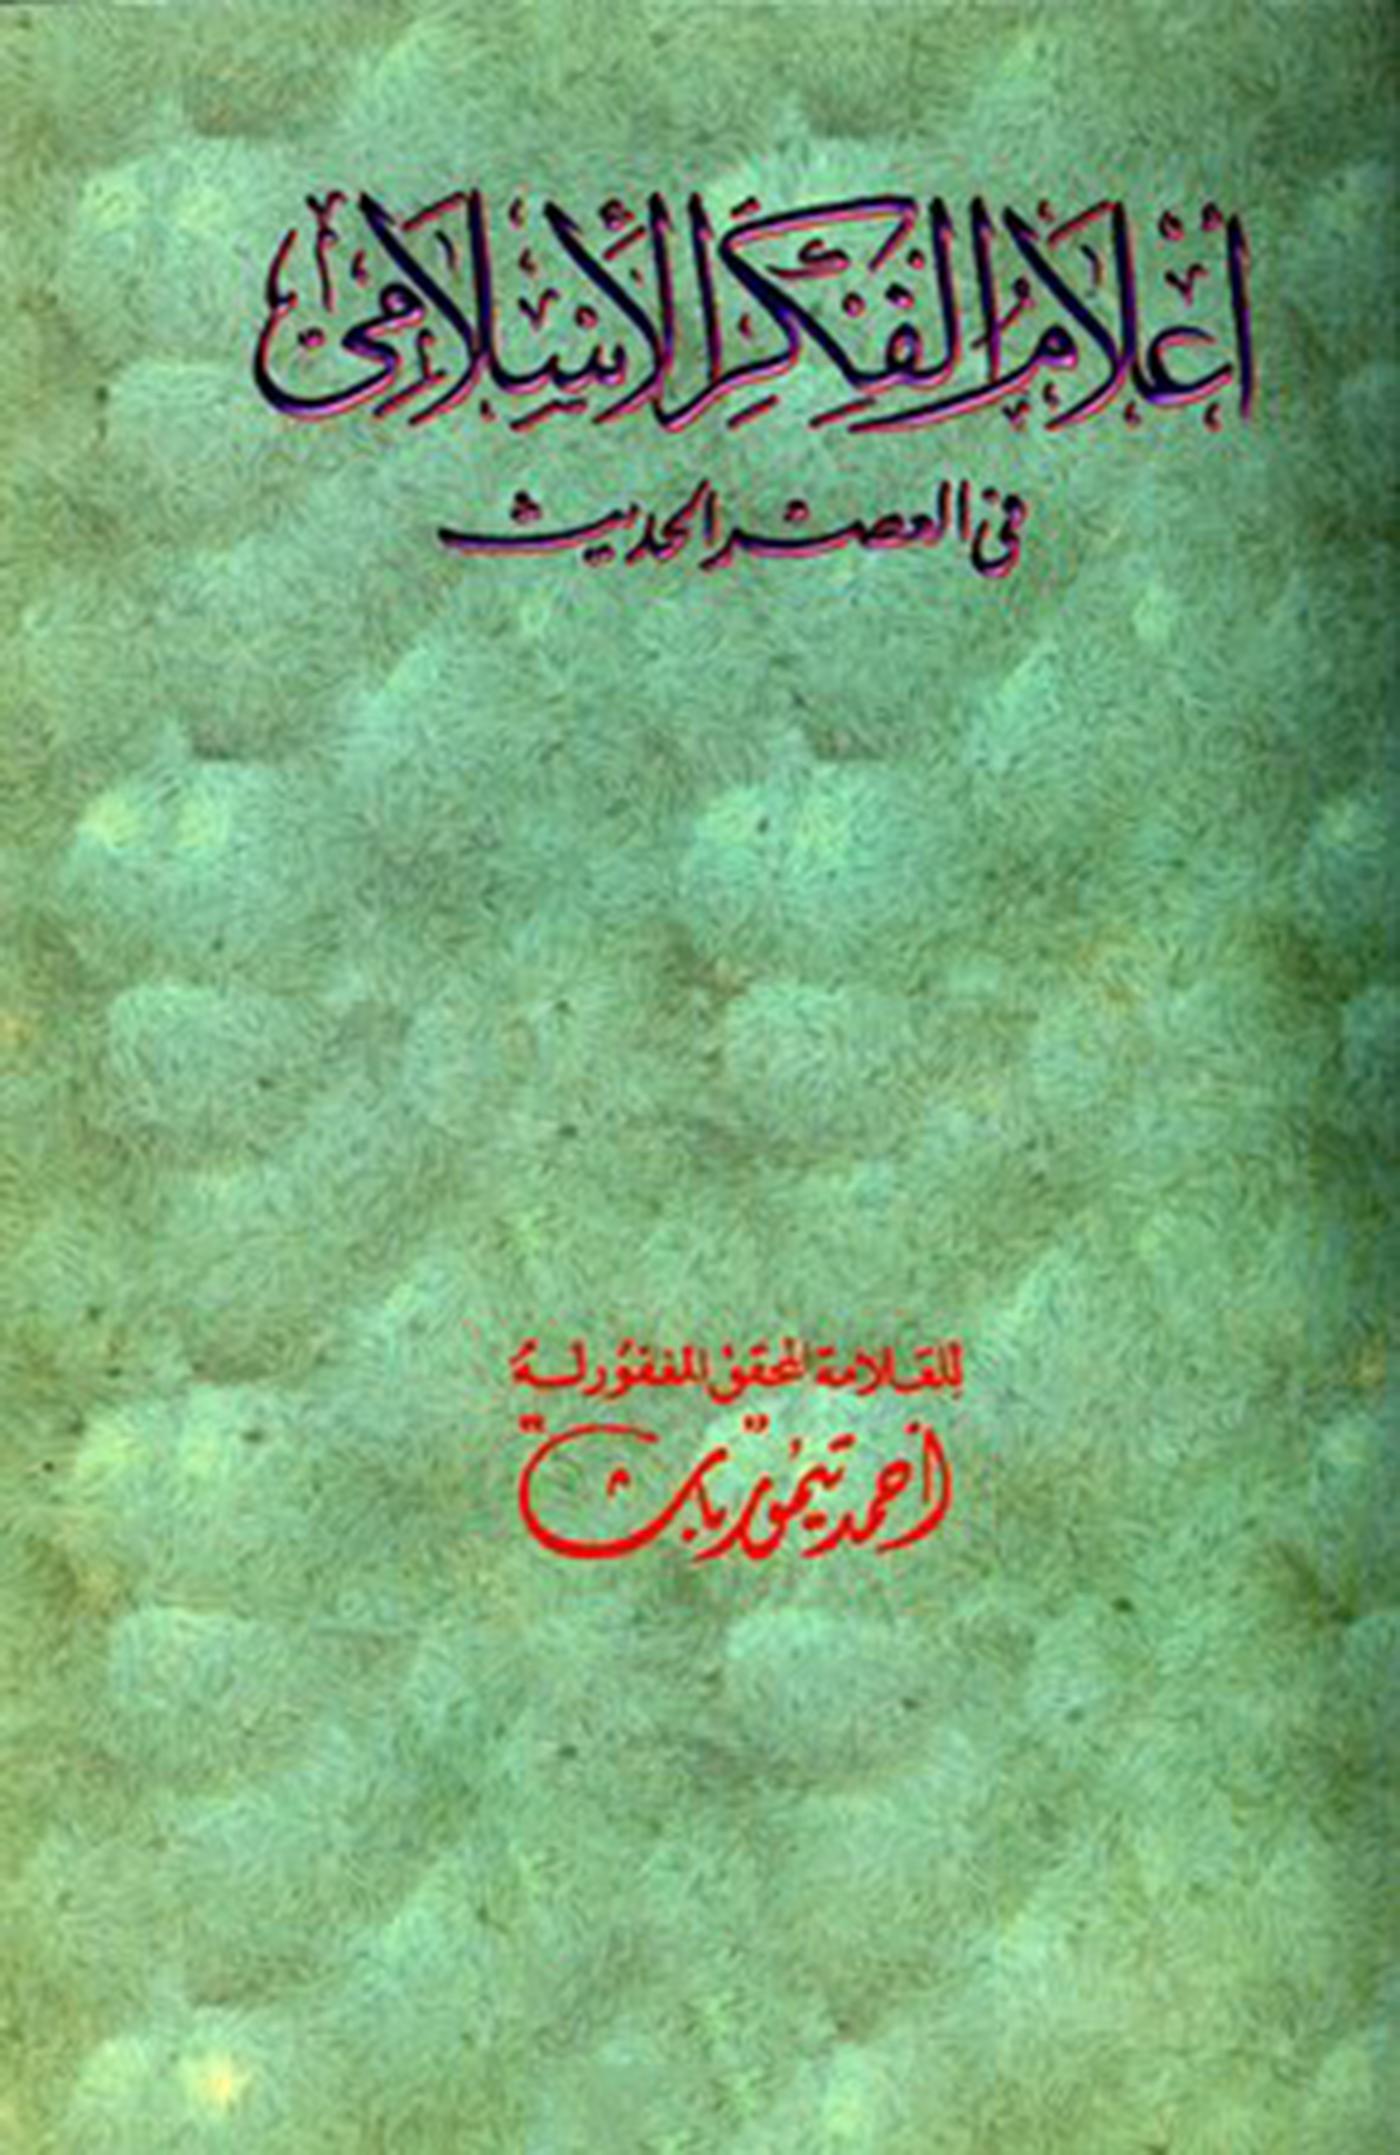 أعلام الفكر الإسلامي الحديث